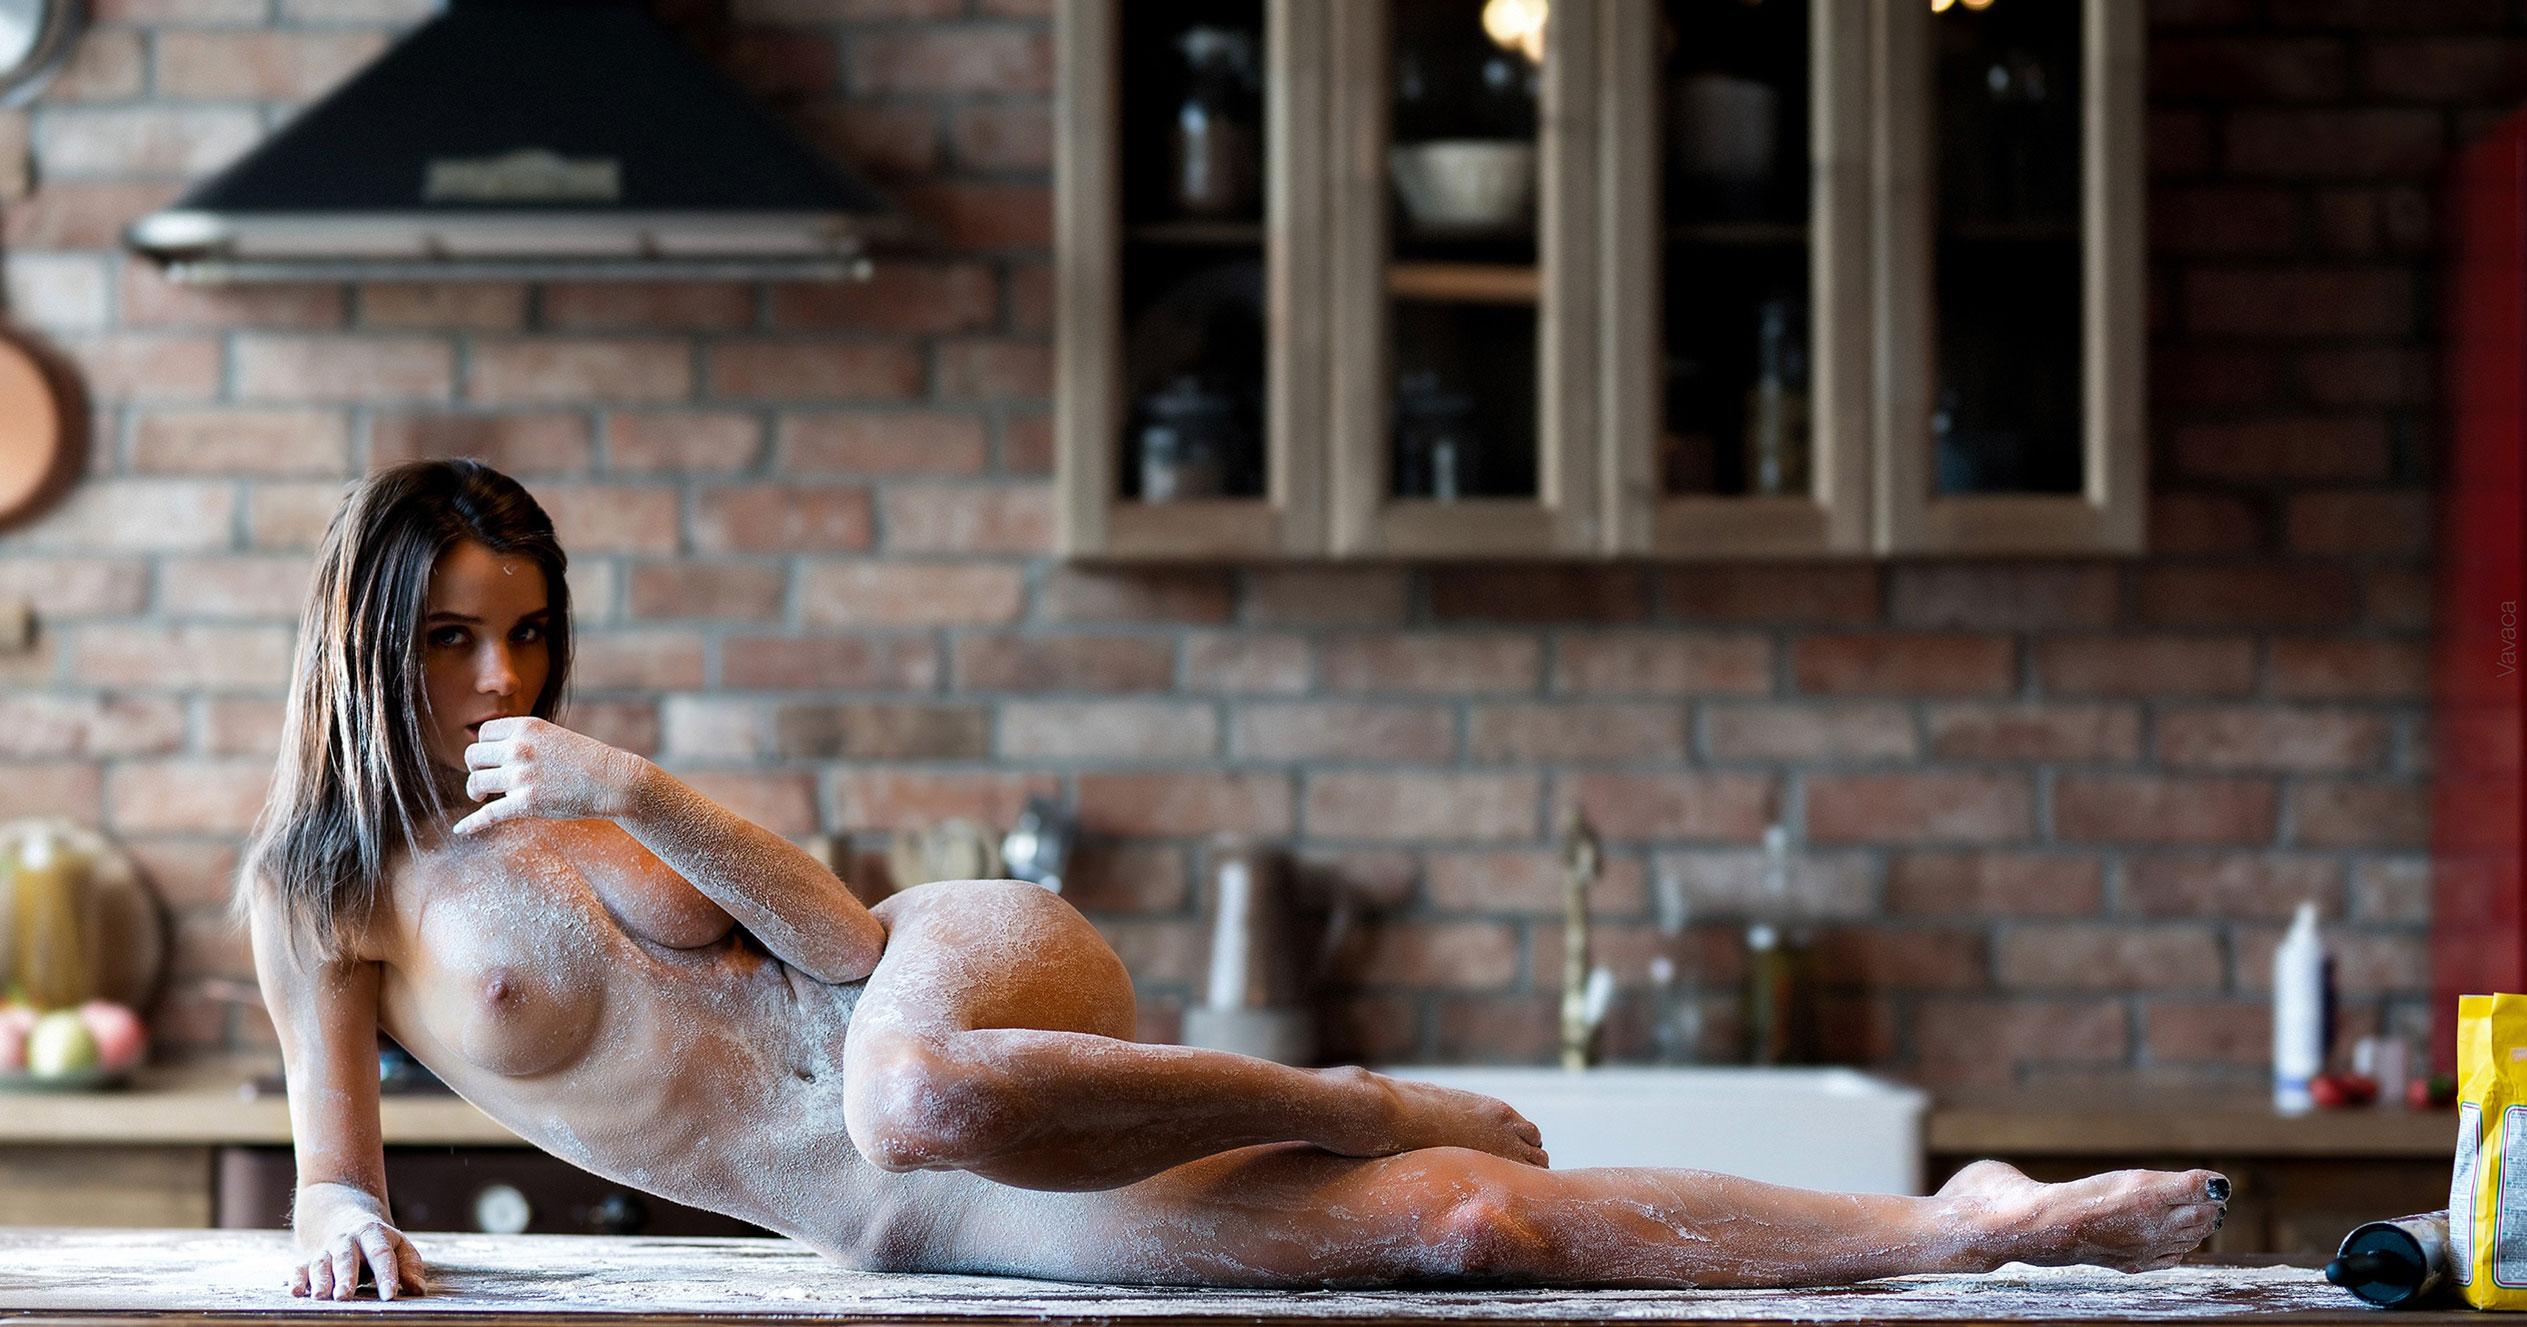 Кухня мечты - голая Кристина Макарова готовит из муки и фруктов / фото 13